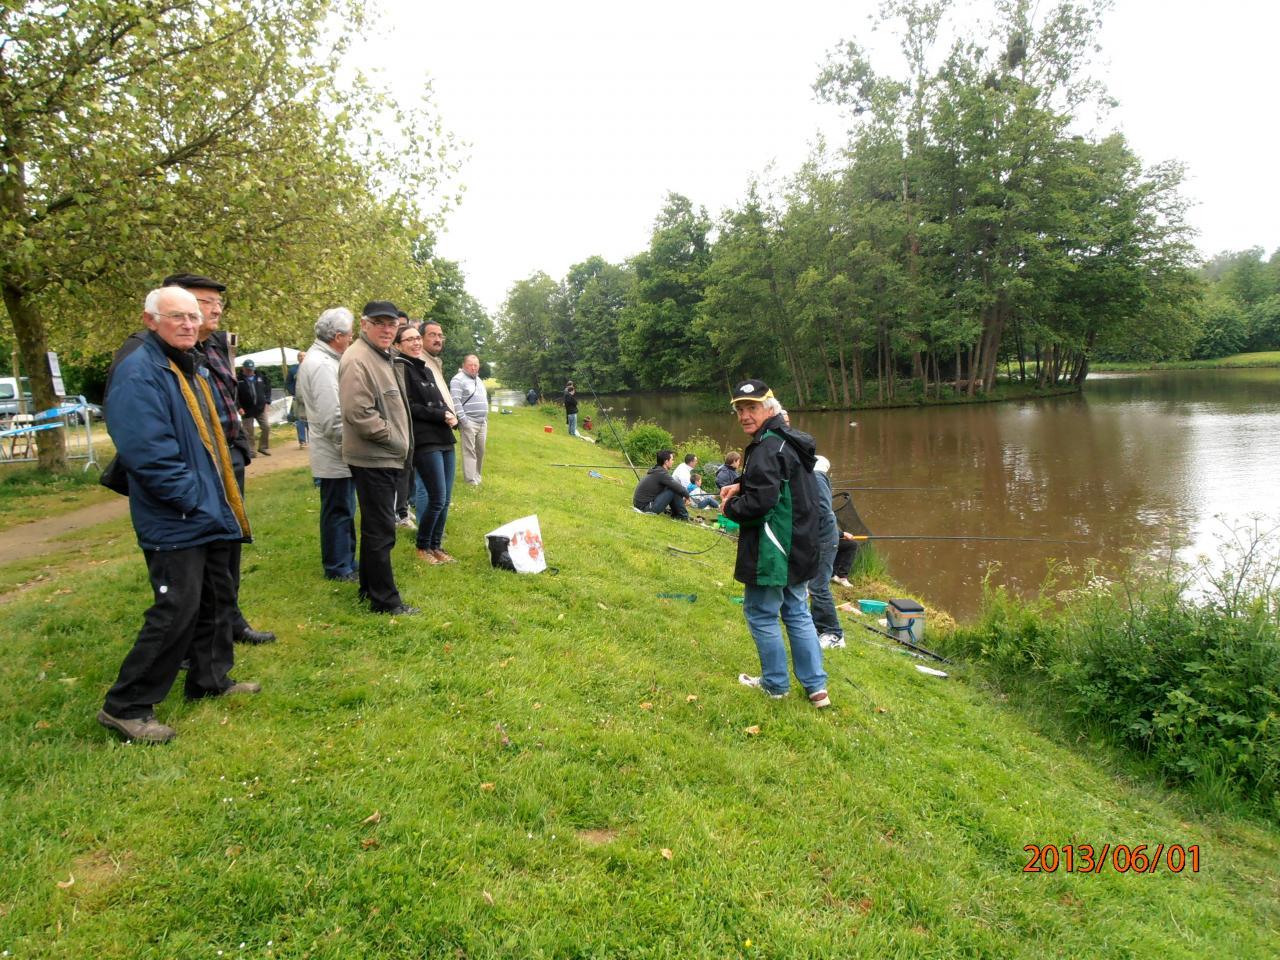 Fête de la Pêche & Brocante 2013